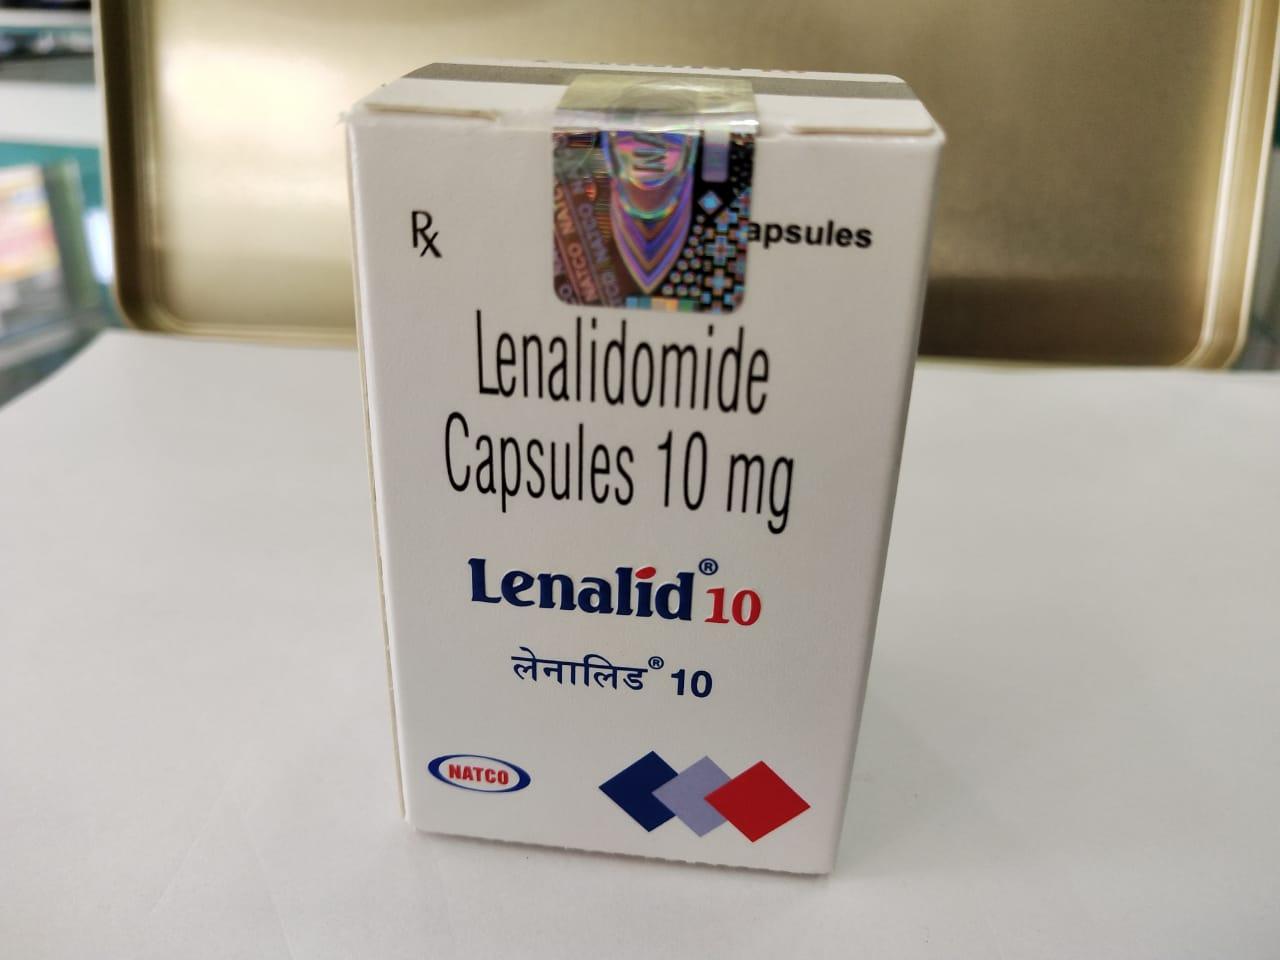 印度来那度胺仿制药价格是多少?_香港万宁有来那度胺吗